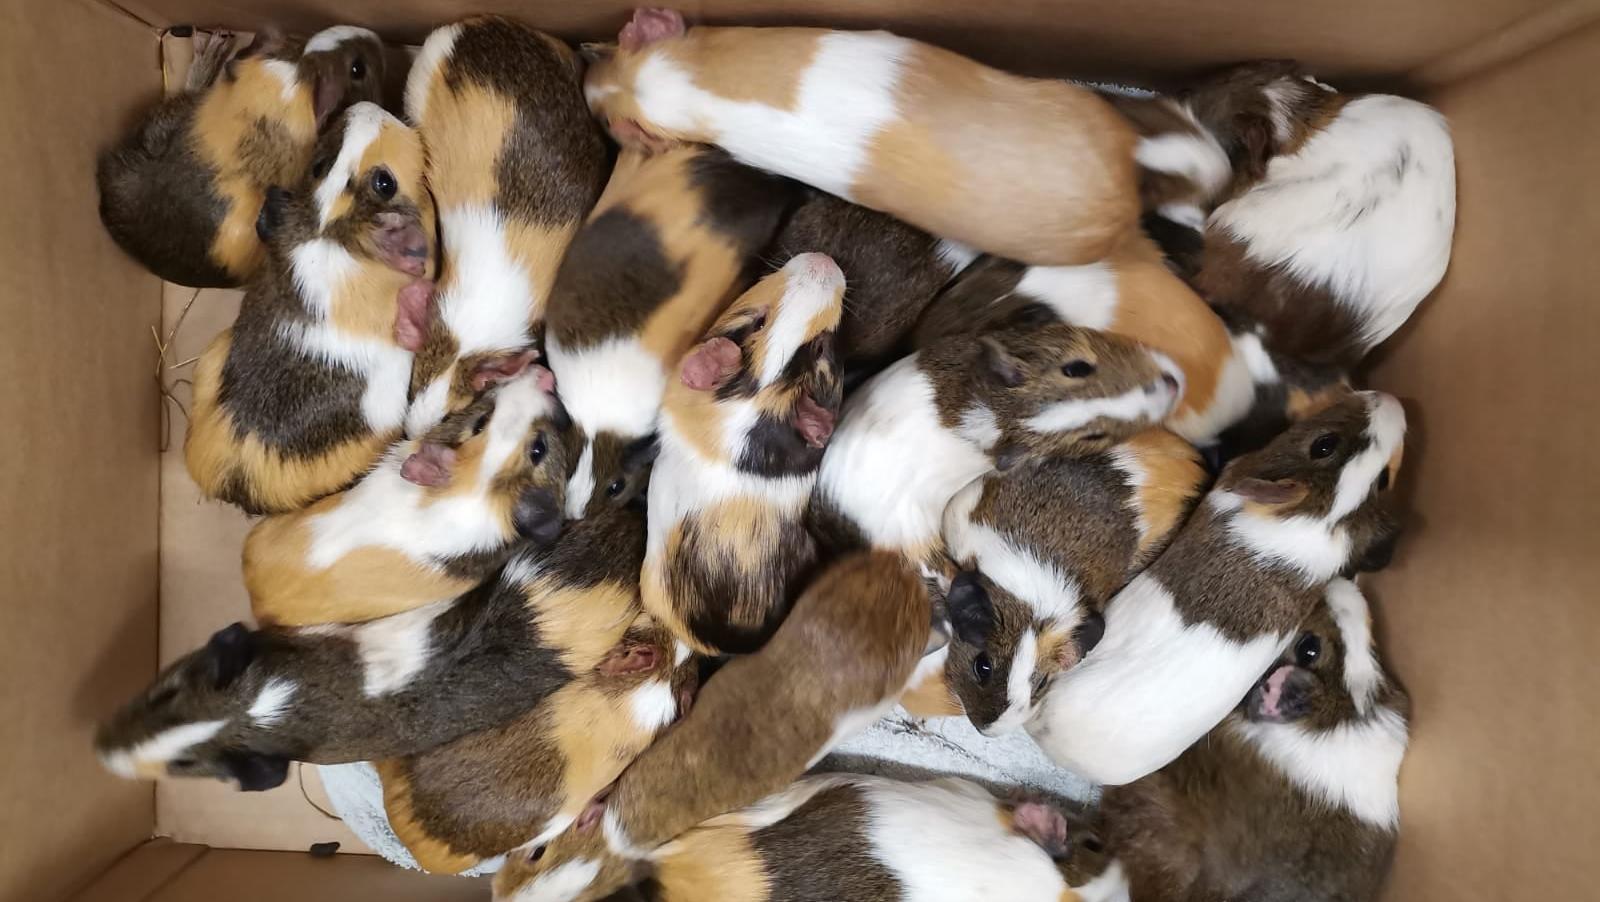 Gerettet aus kleinen Boxen: Die Tiere hatten tagelang weder Wasser noch Futter.